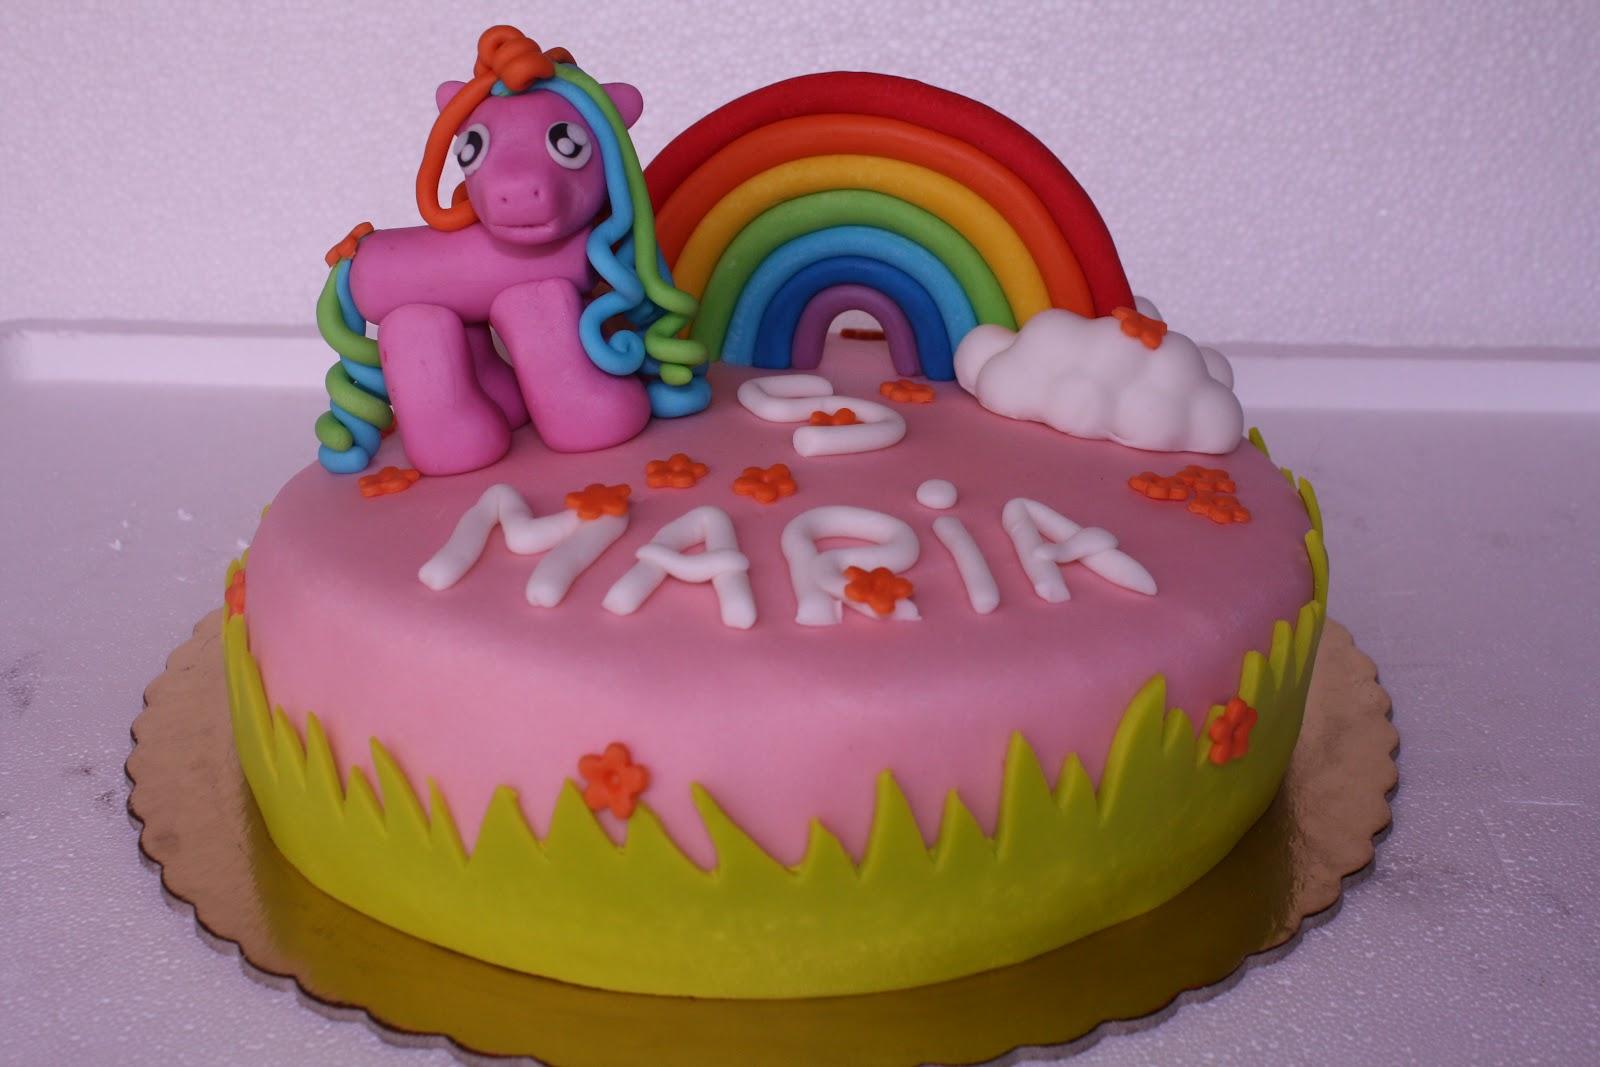 http://1.bp.blogspot.com/-4Ck763rYPpk/T5_H9fI_OFI/AAAAAAAAAFc/j2KabguOphE/s1600/ponei%20002.jpg